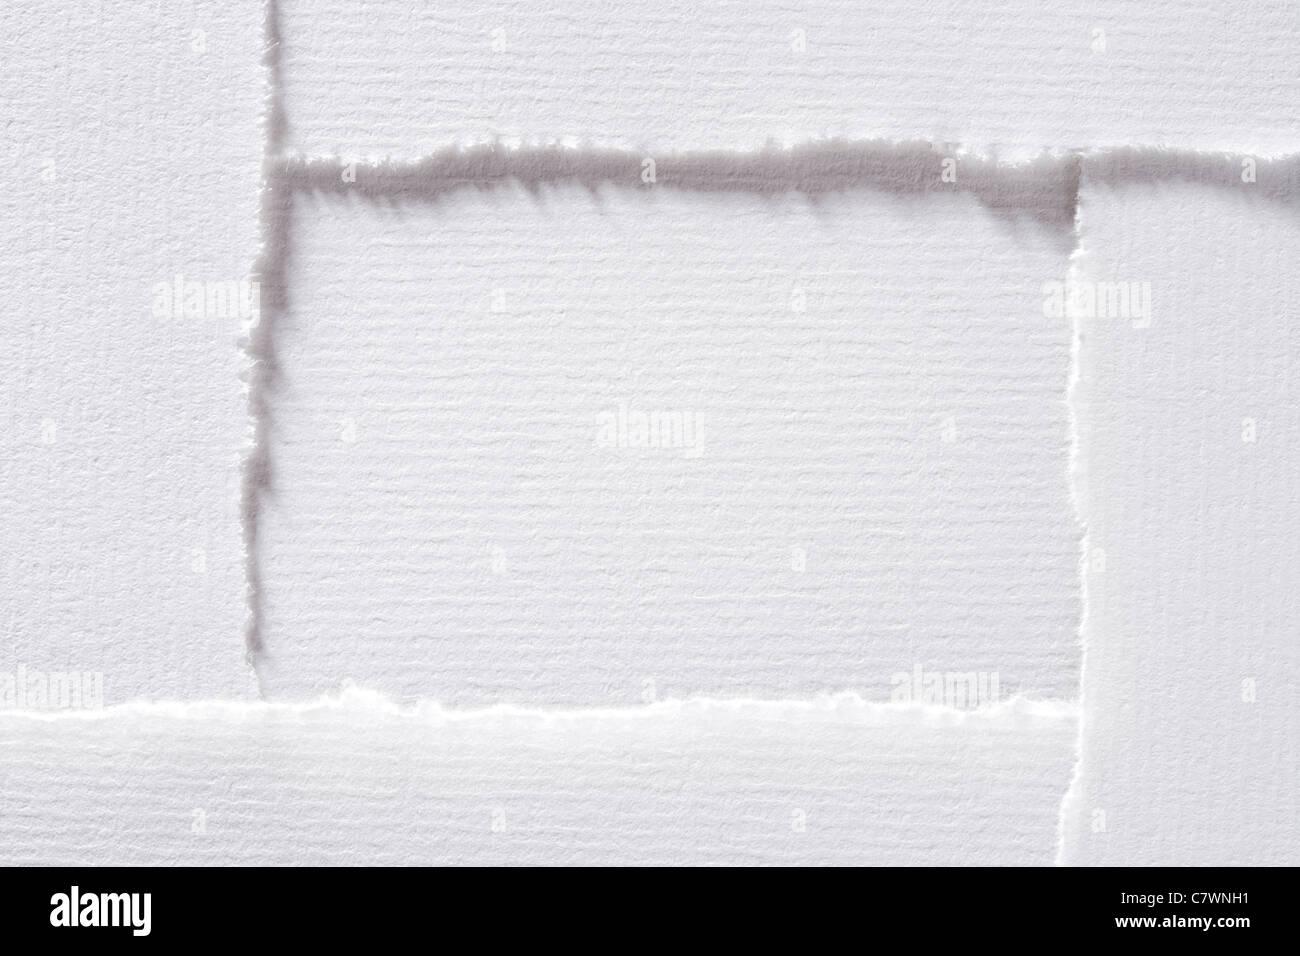 Zerrissenes Papier bilden Rechteck. Stockbild